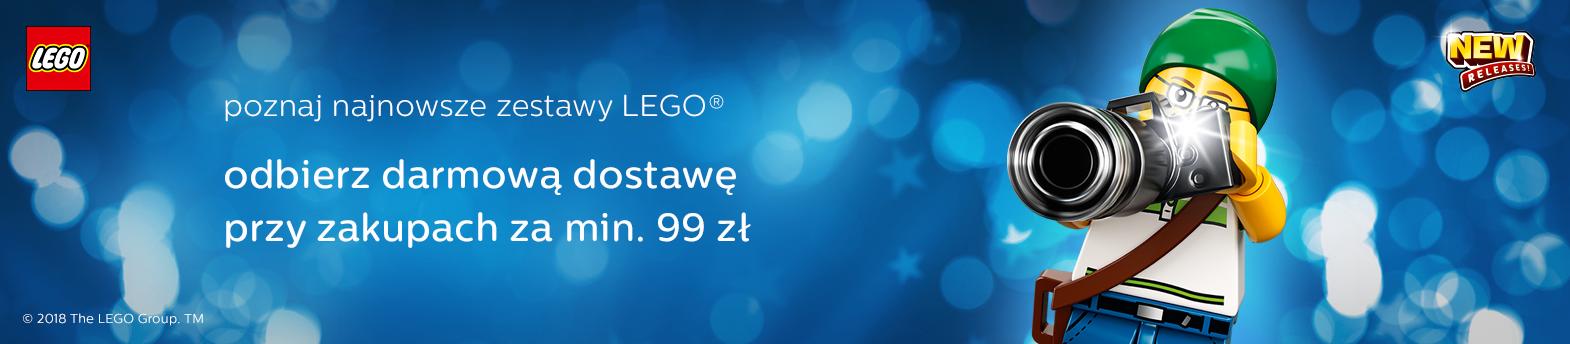 Nowości LEGO 2018 styczeń